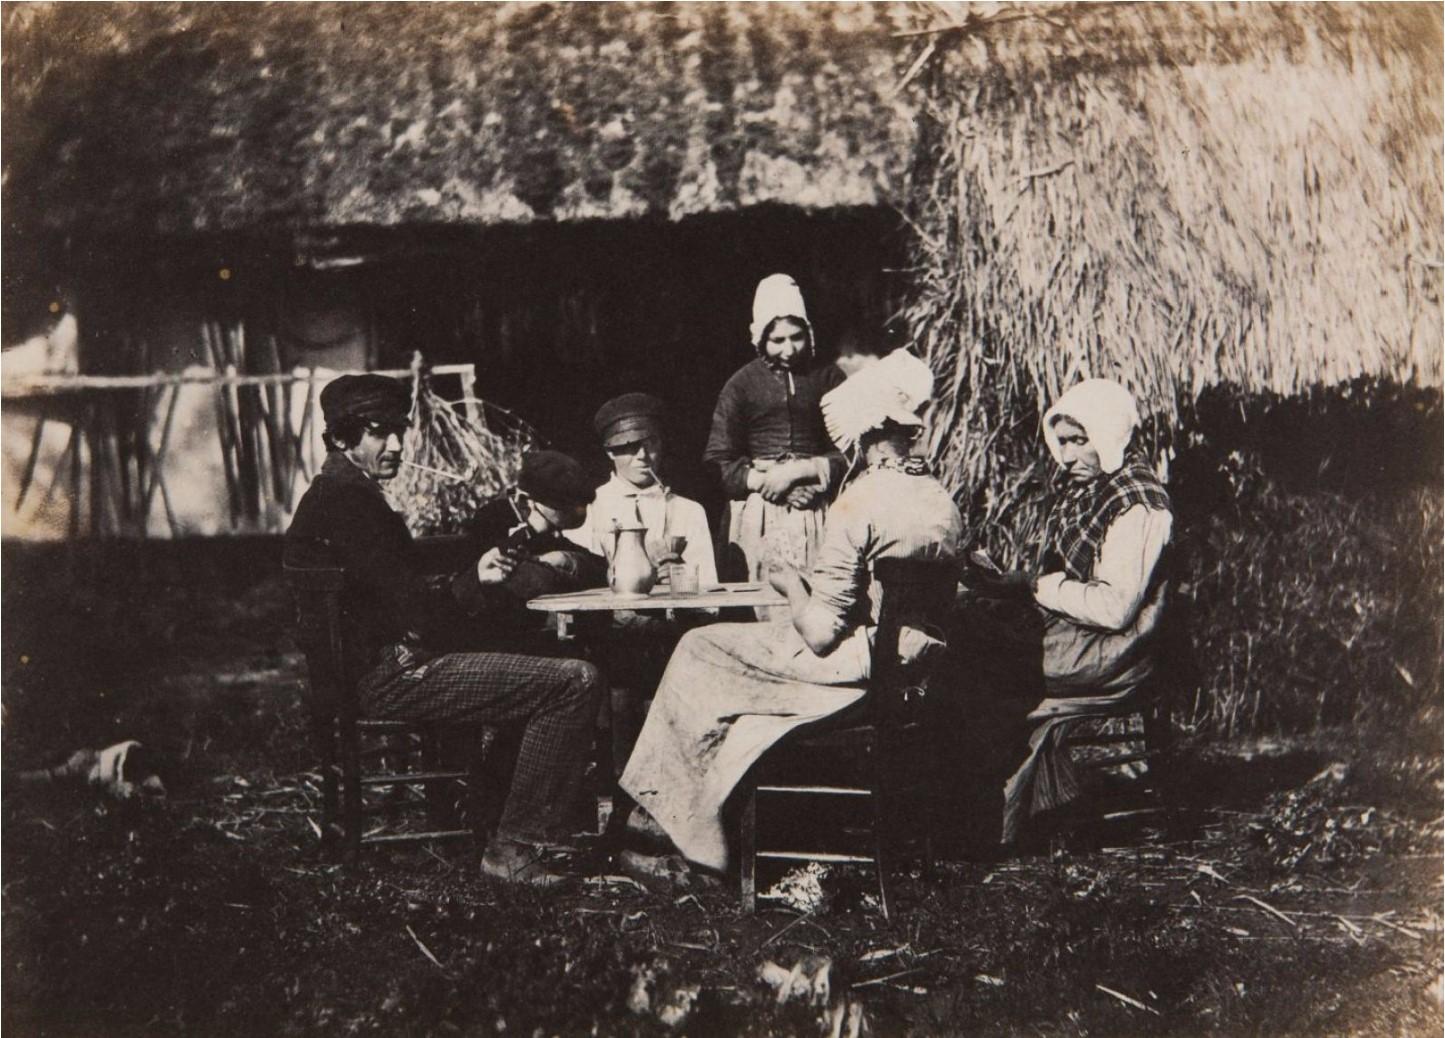 1853. Крестьянская семья играет в карты. Франция